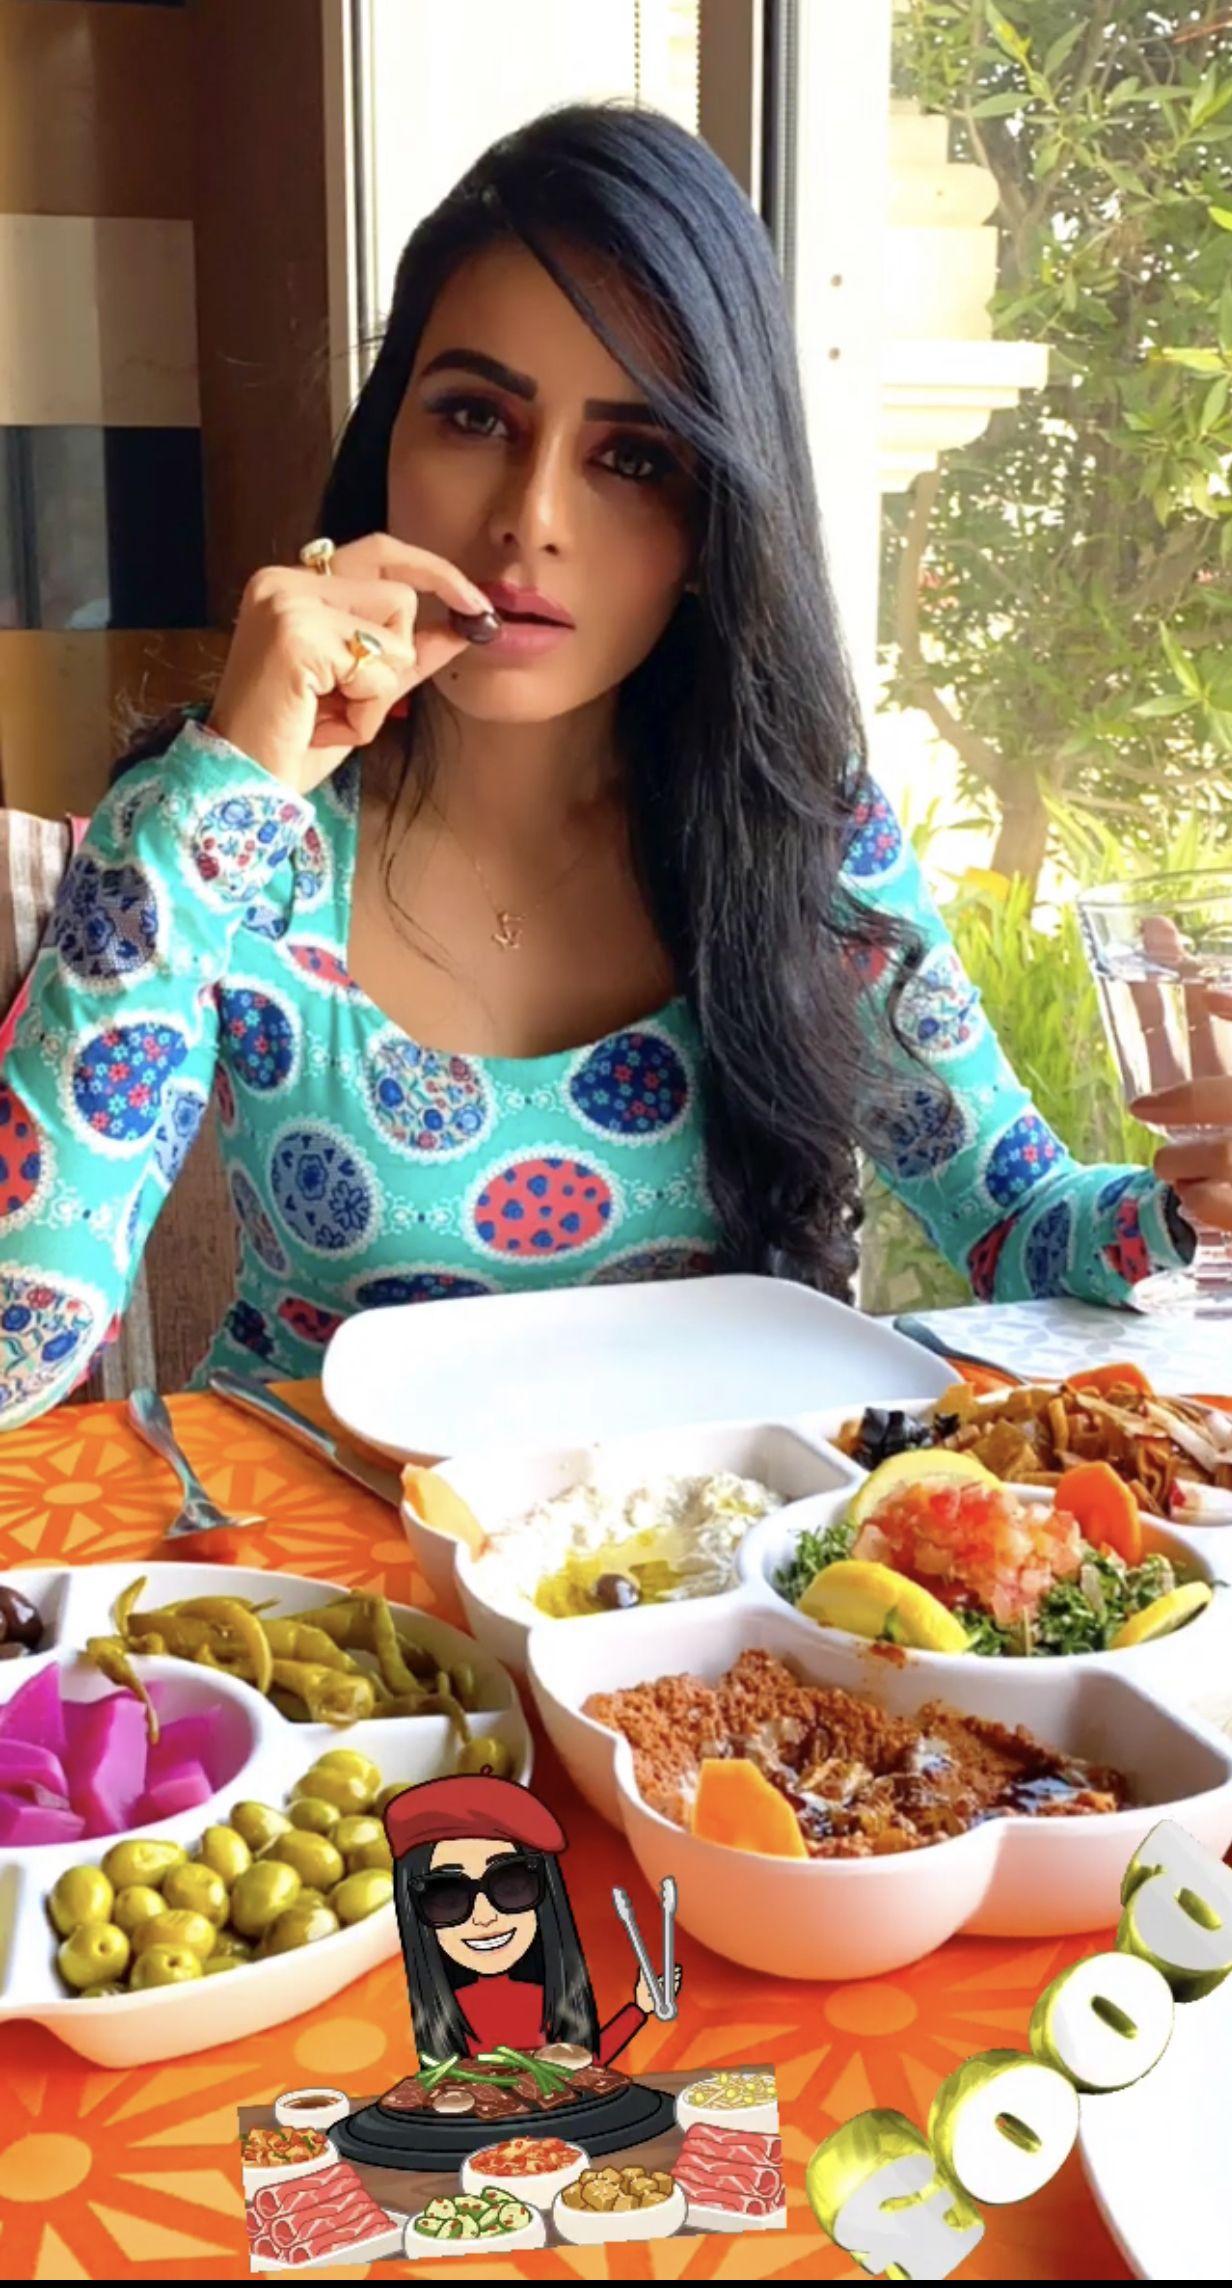 Doha Qatar In 2020 Food Lover Love Food Food